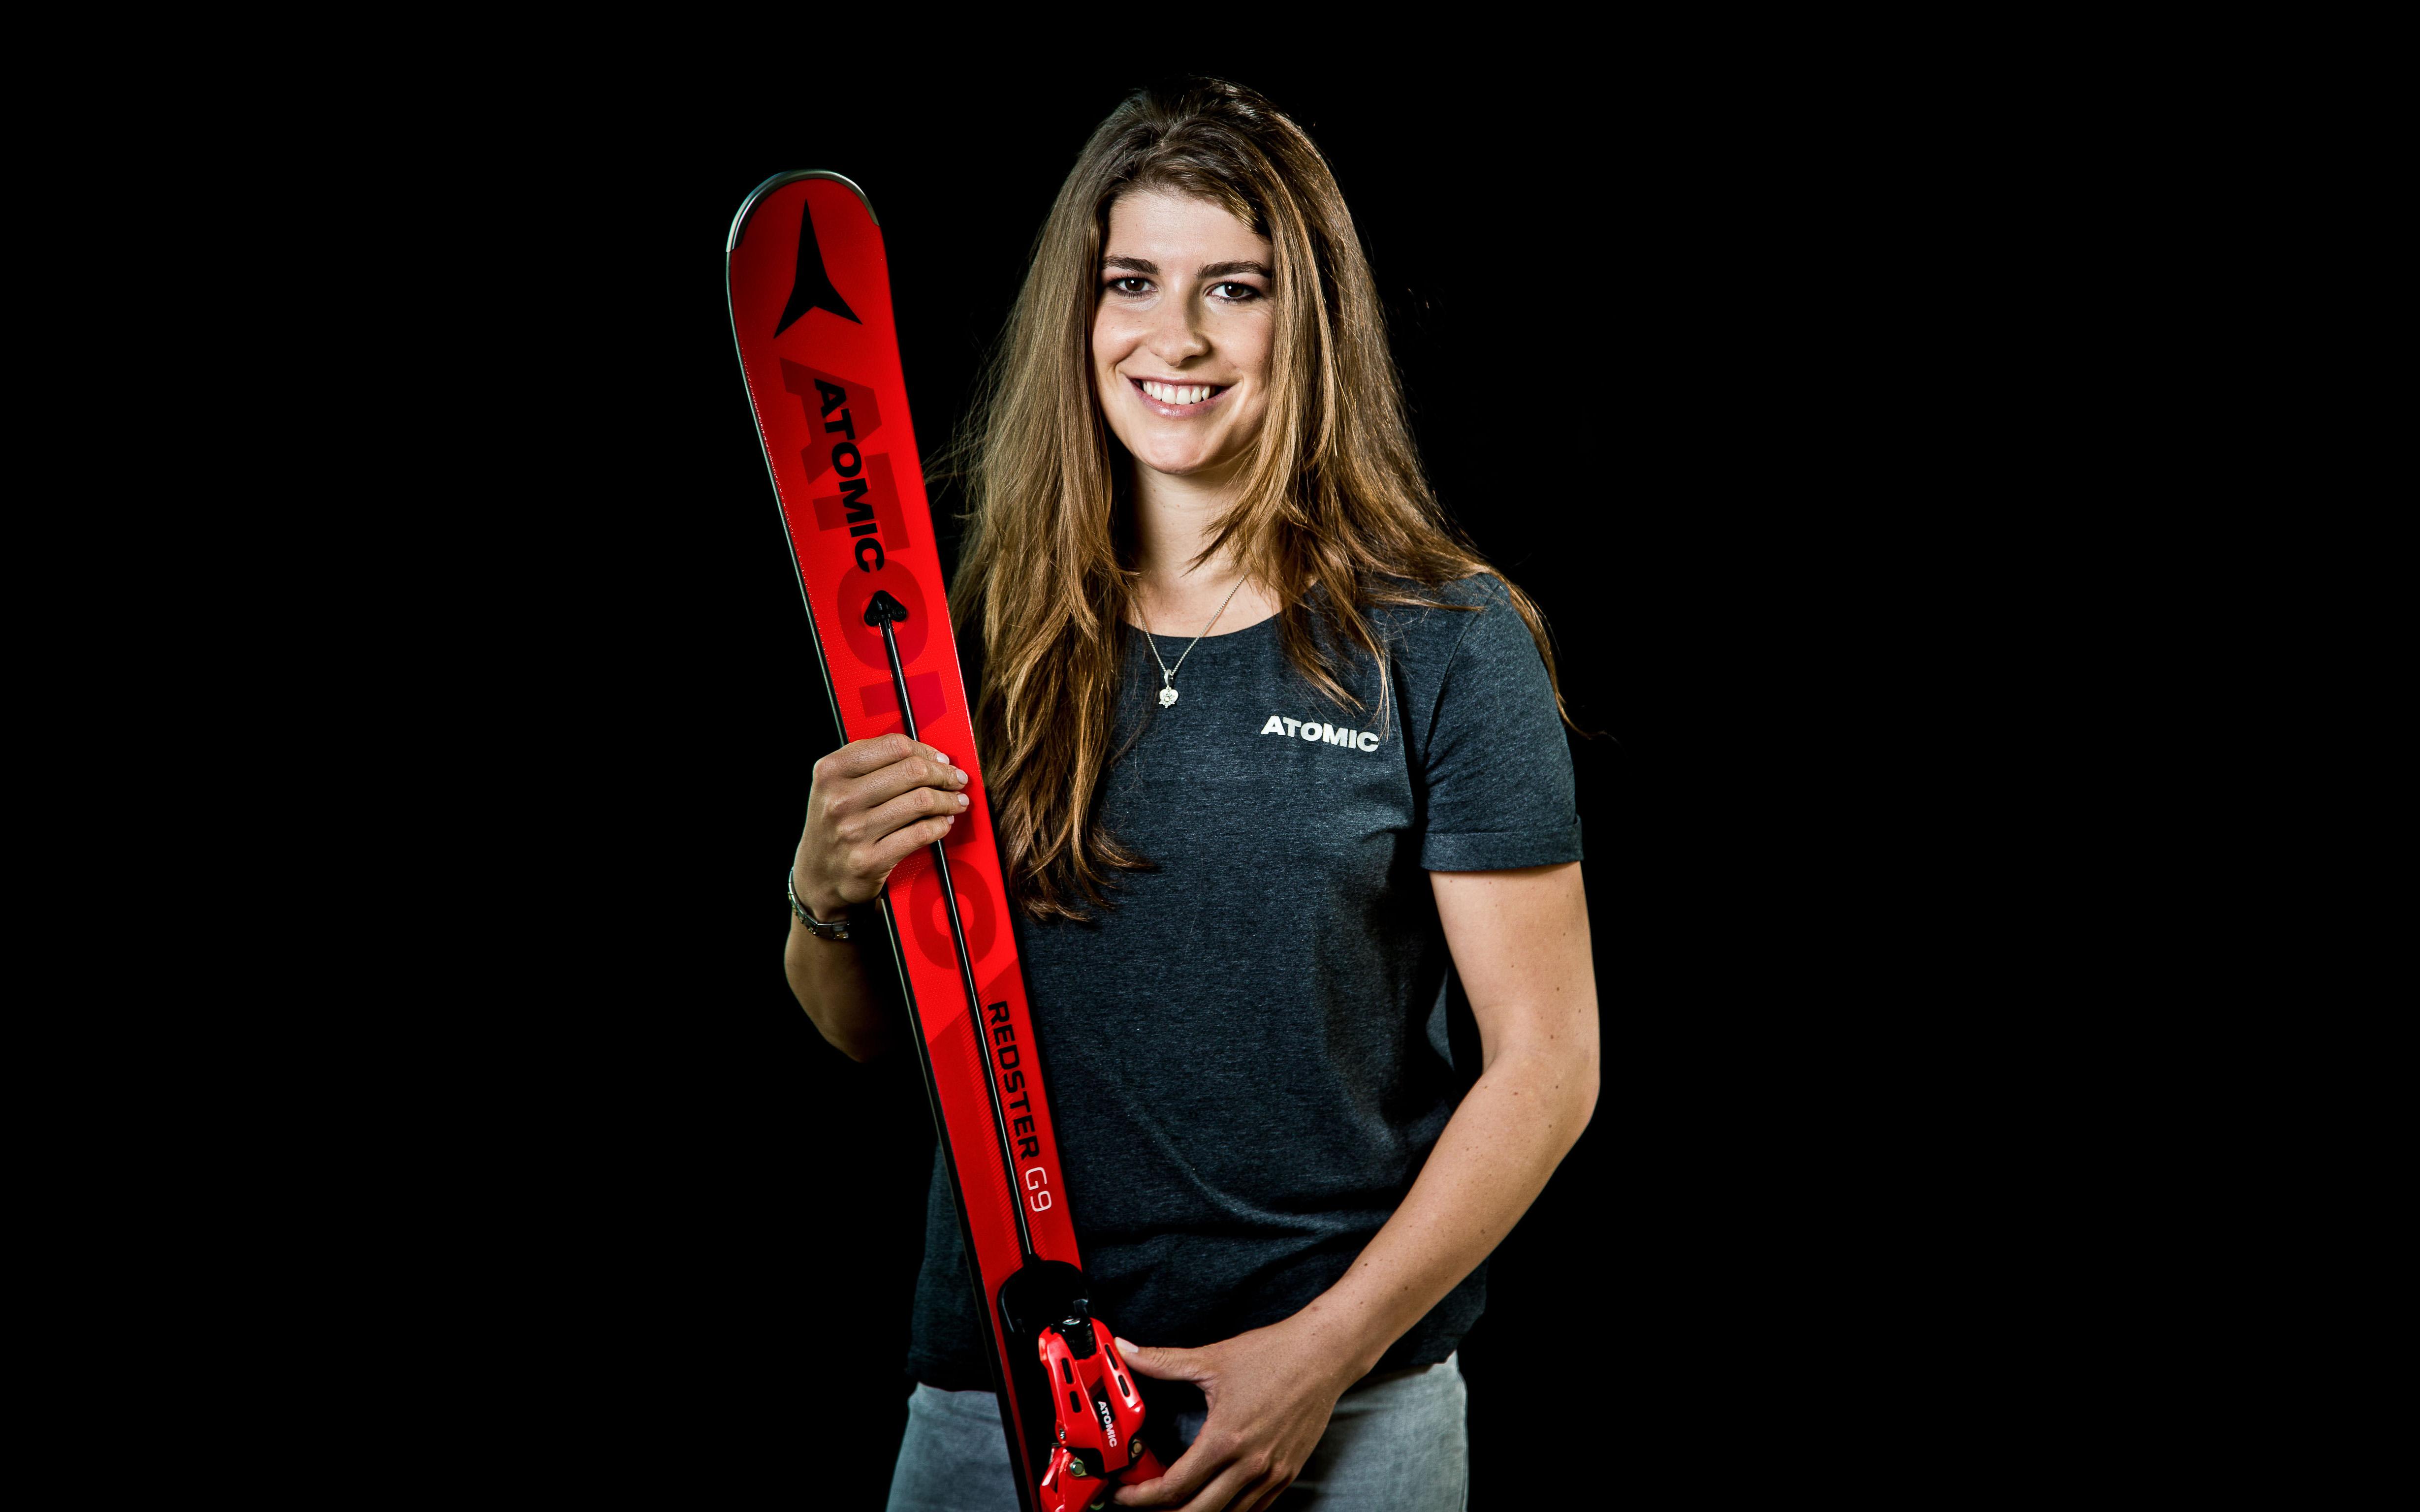 Christina Ager